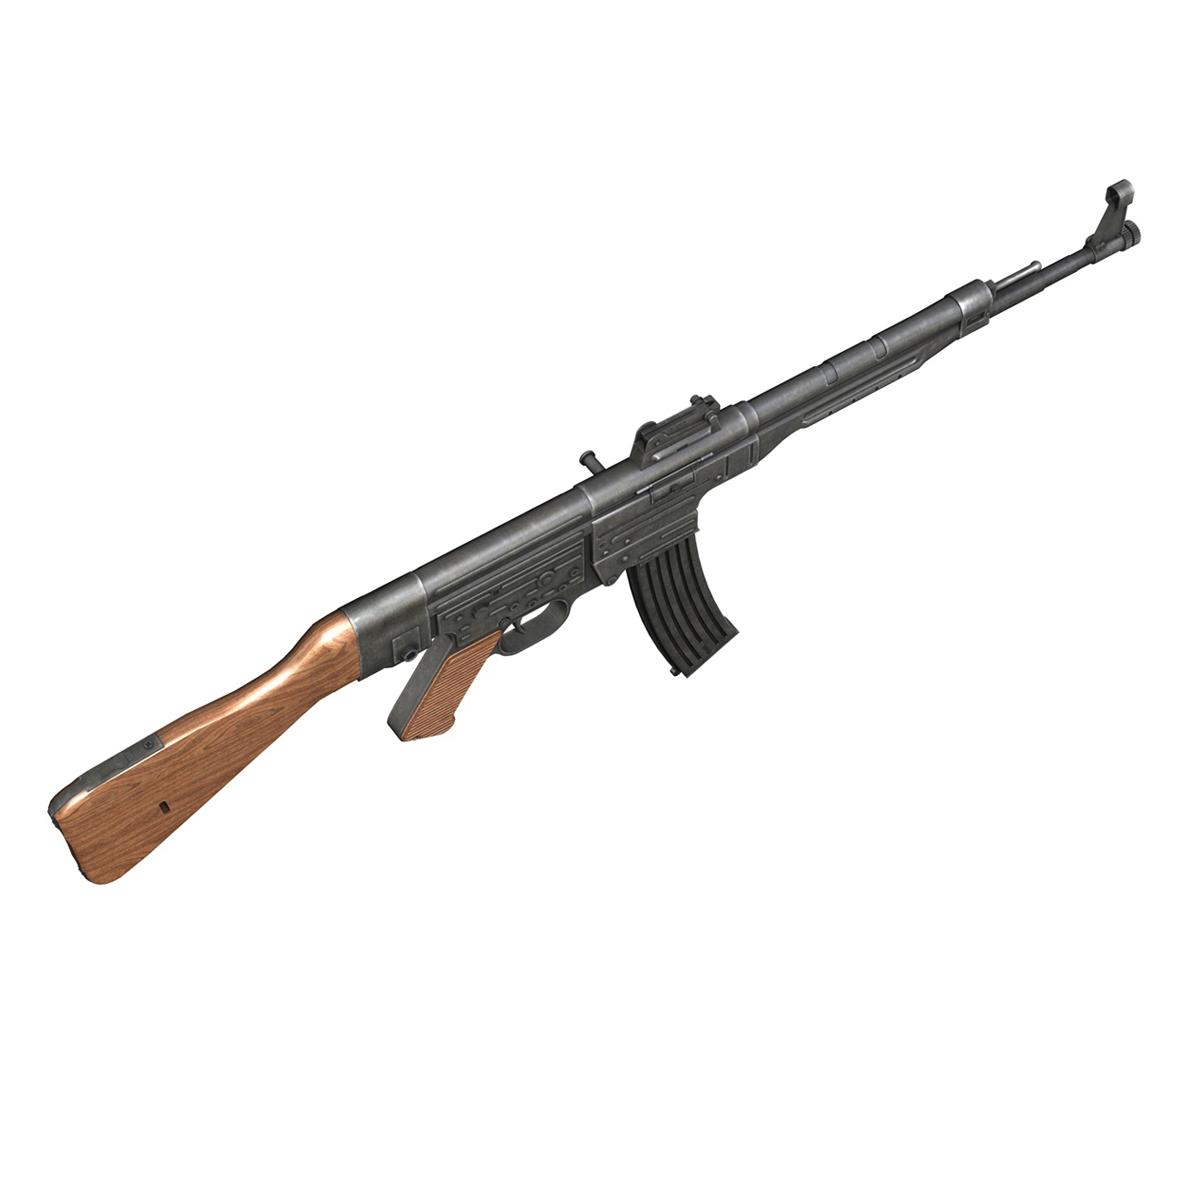 sturmgewehr 44 - mp44 - német támadás puska 3d modell 3ds fbx c4d lwo obj 195178